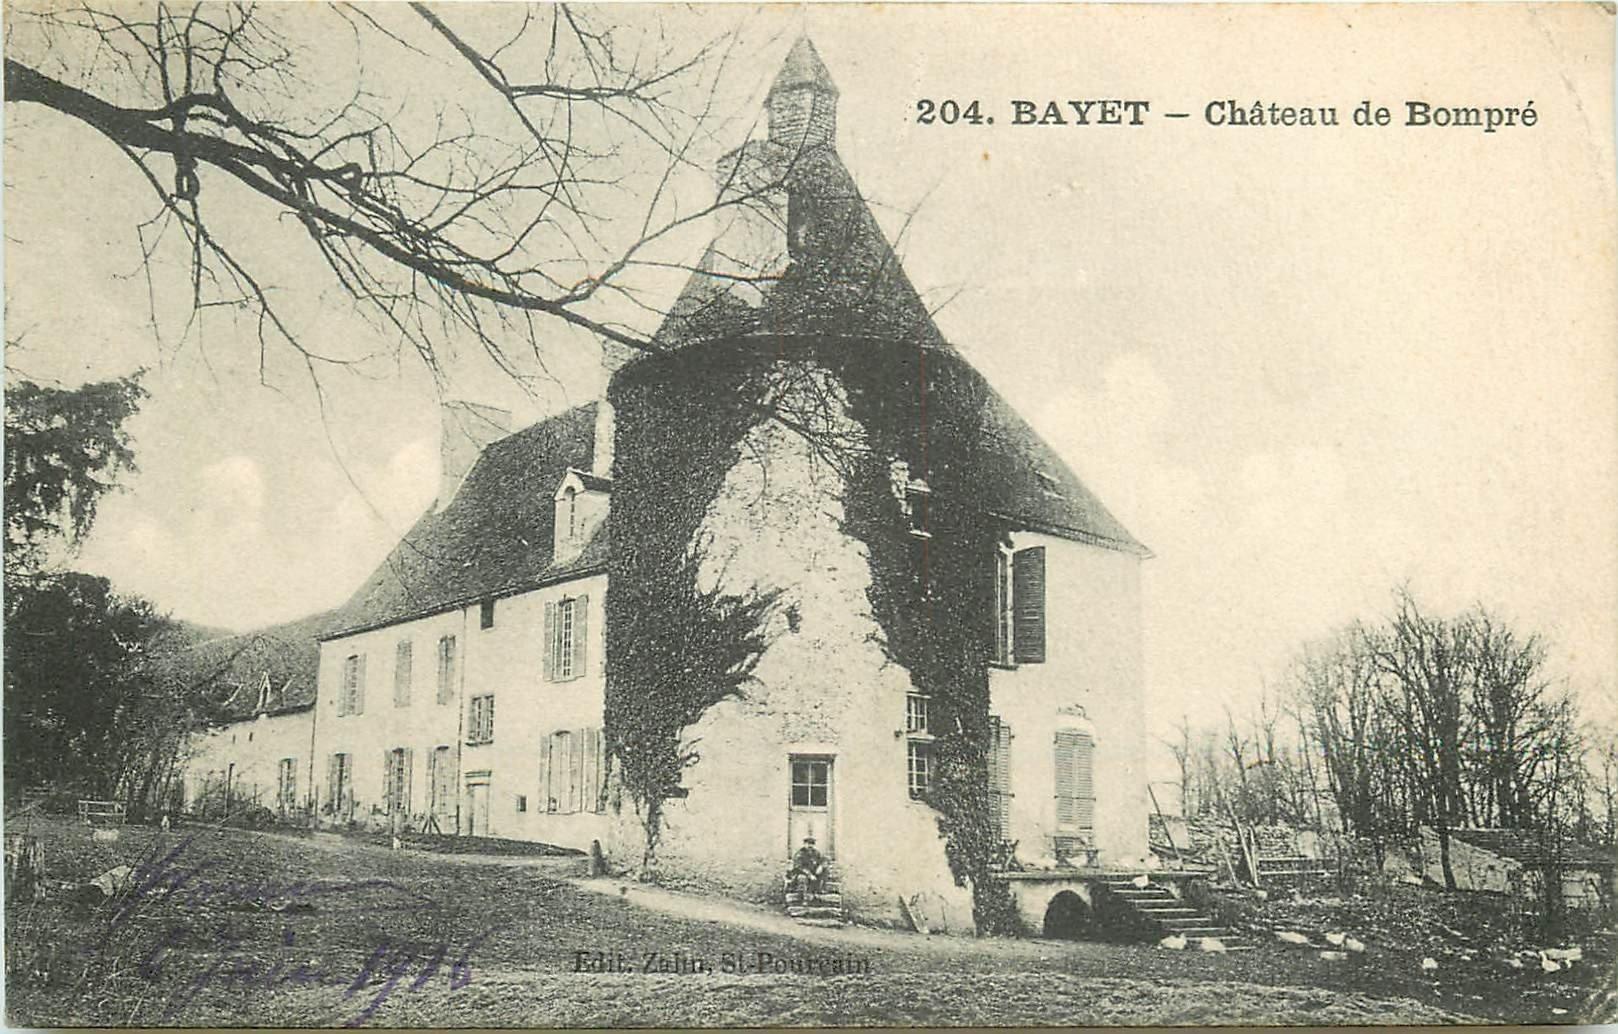 WW 03 BAYET. Château de Bompré 1916